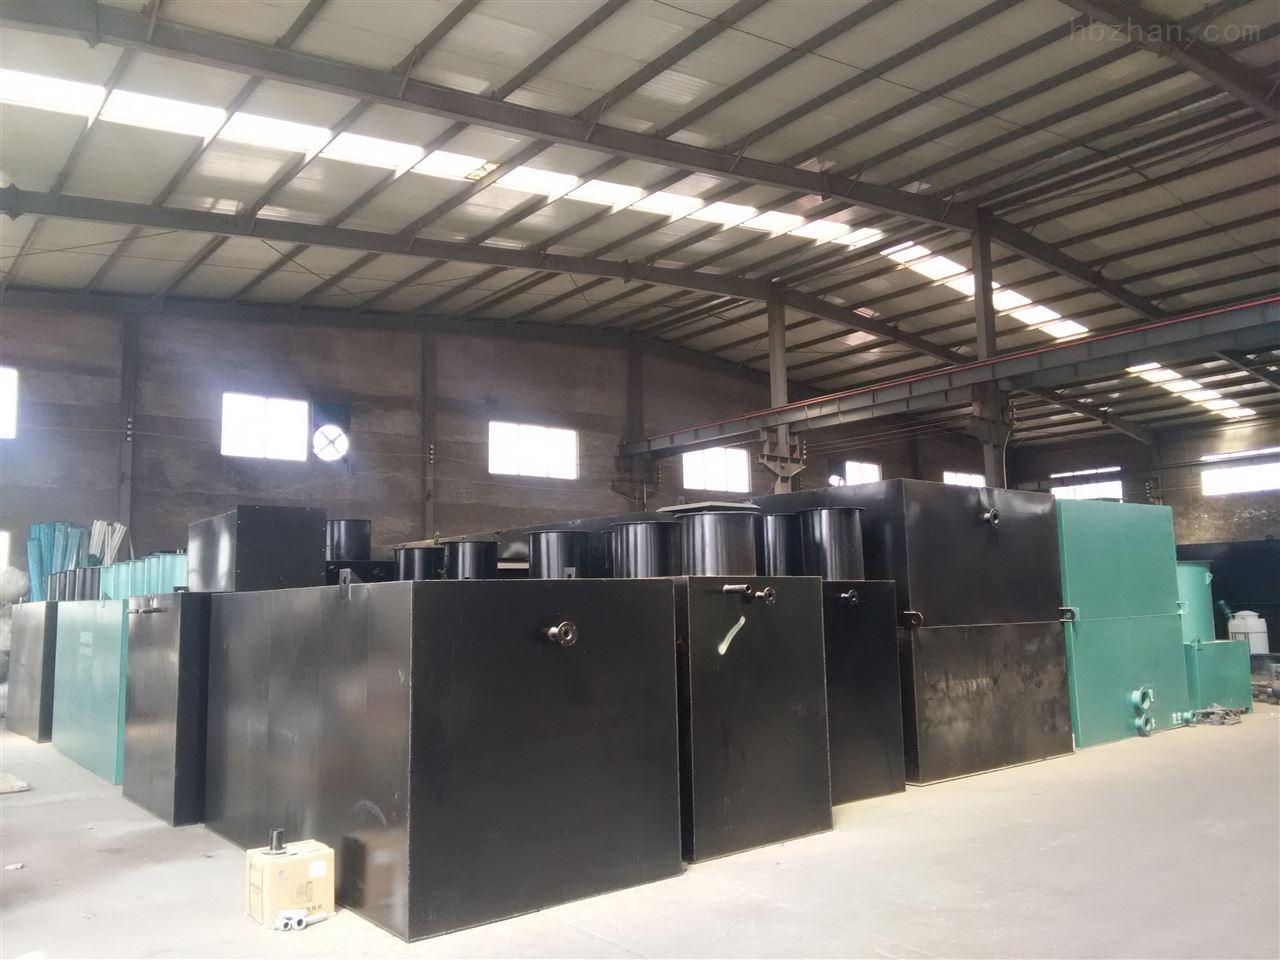 浙江绍兴玻璃钢一体化设备厂家供货